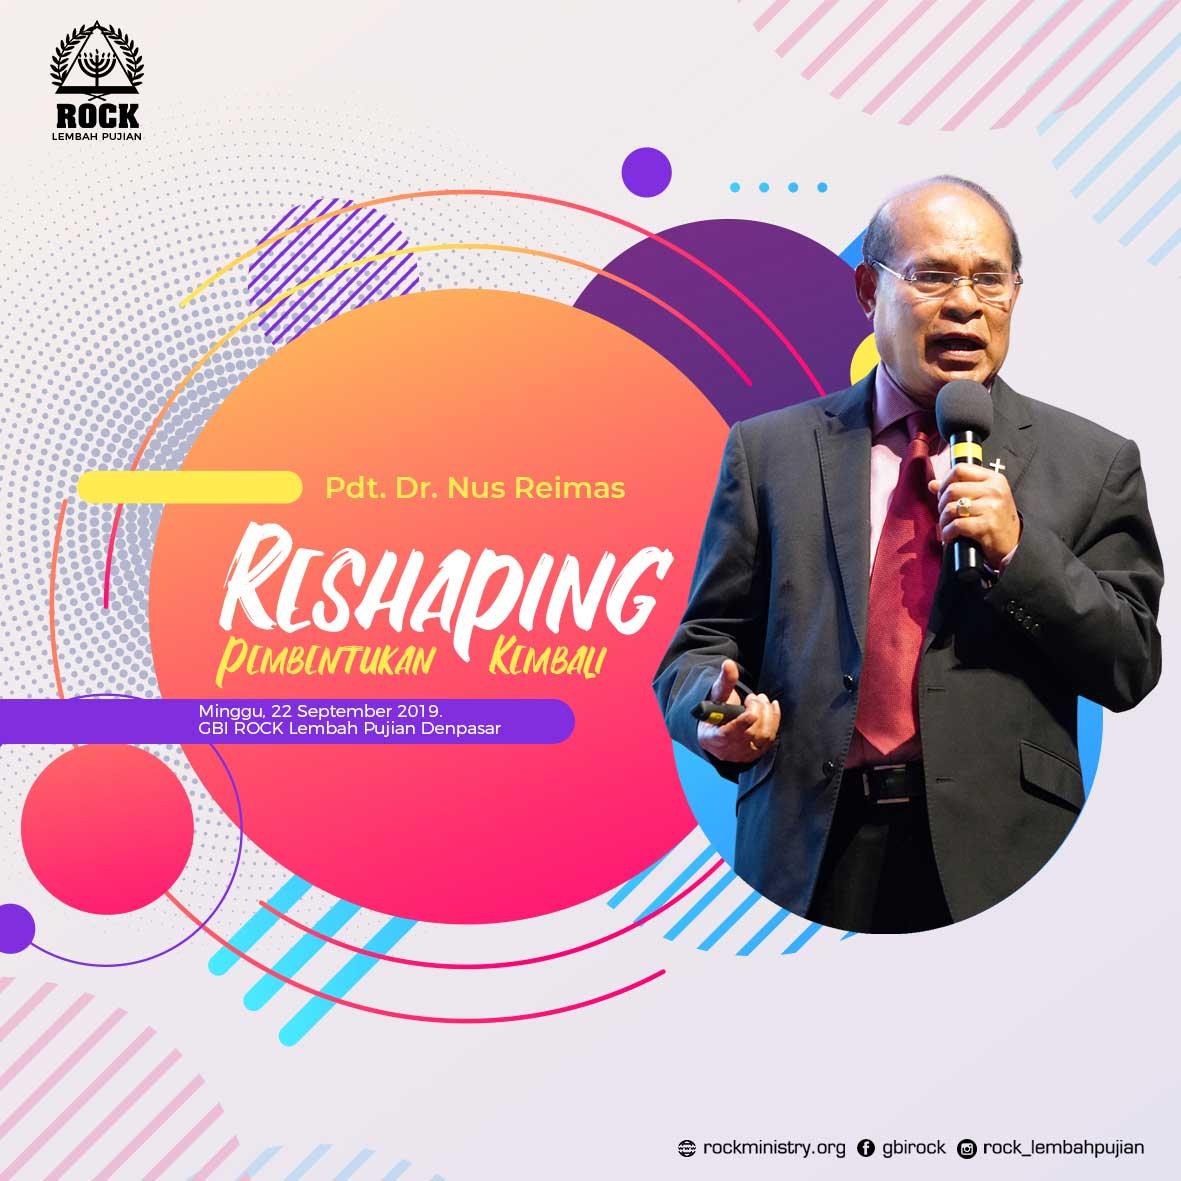 RESHAPING (Pembentukan Kembali) | Pdt. Dr. Nus Reimas